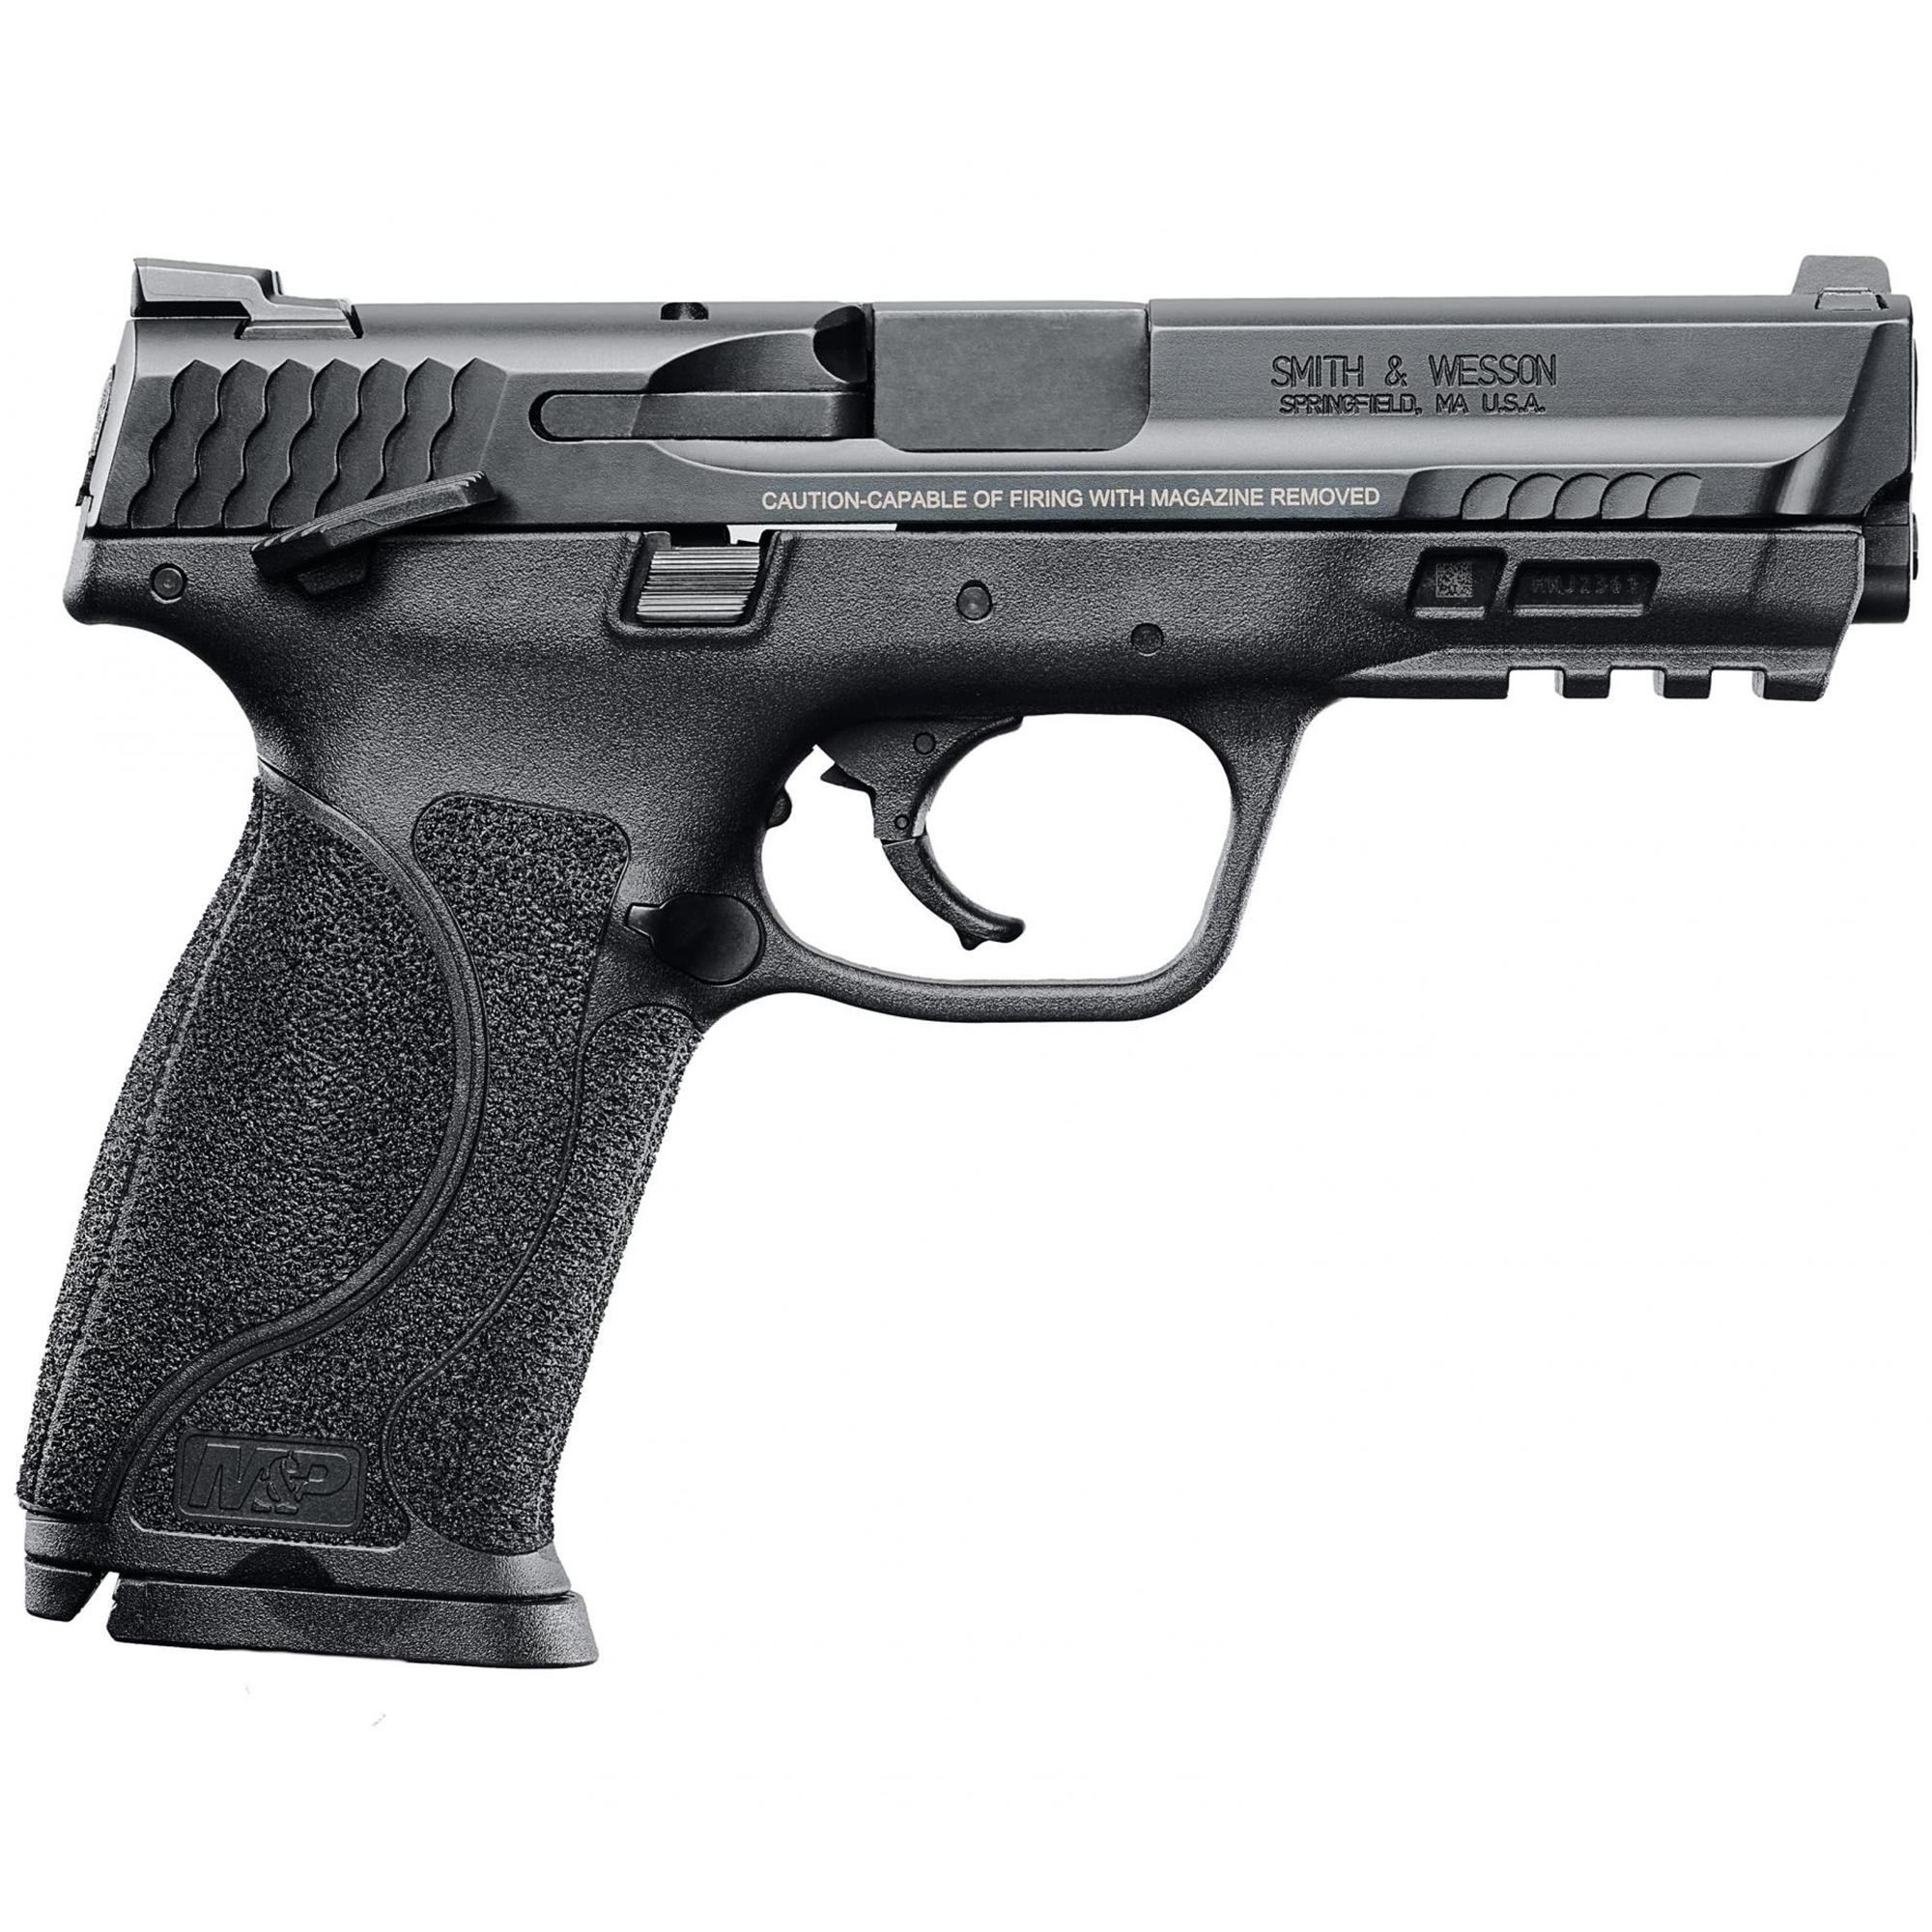 Smith & Wesson M & P M2.0 Handgun